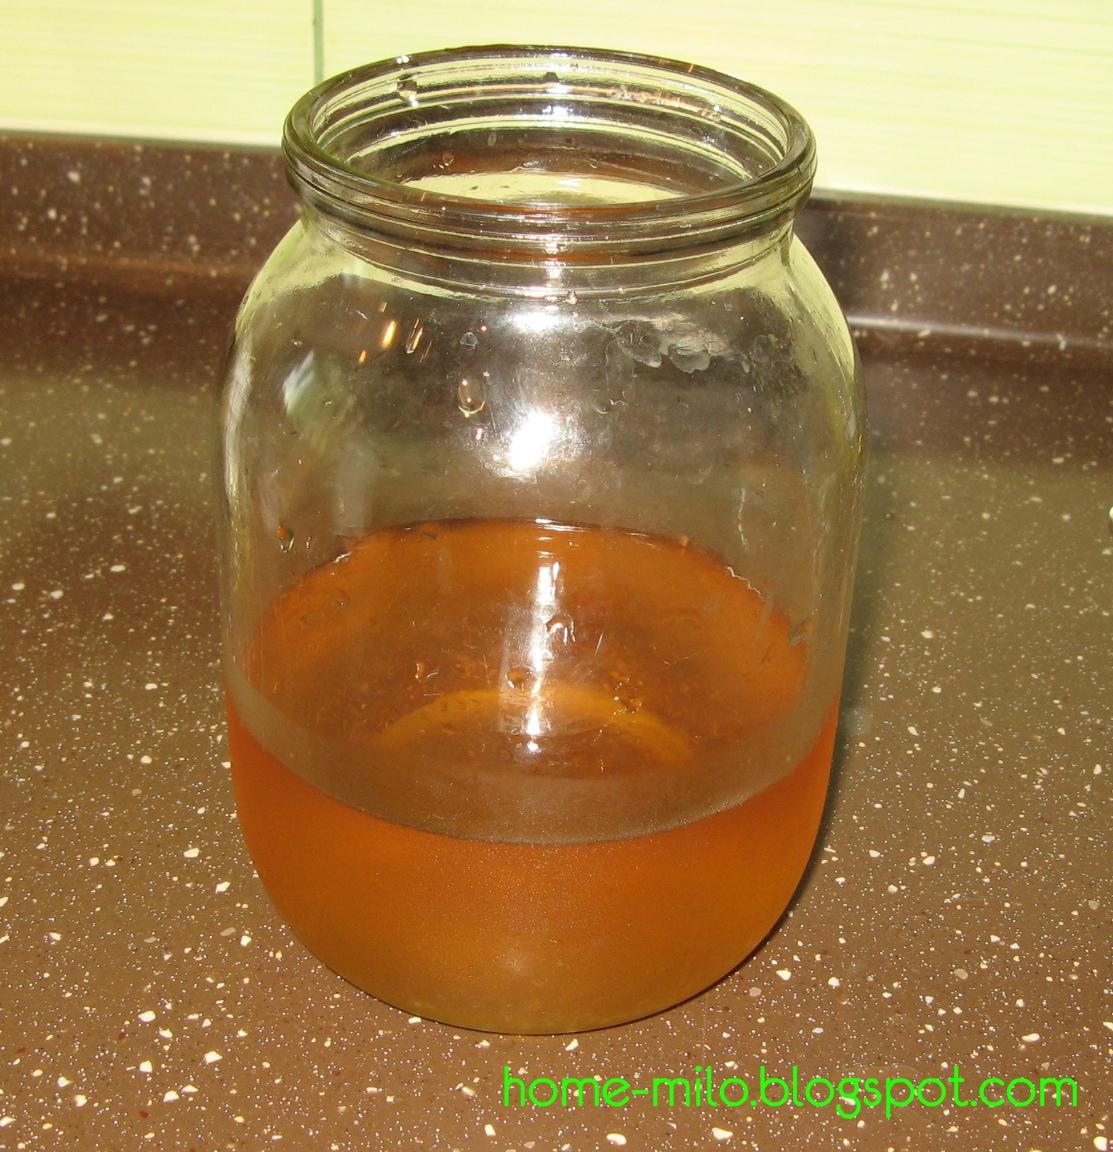 Пилинг молочной кислотой (рецепты с фото, инструкция) 80